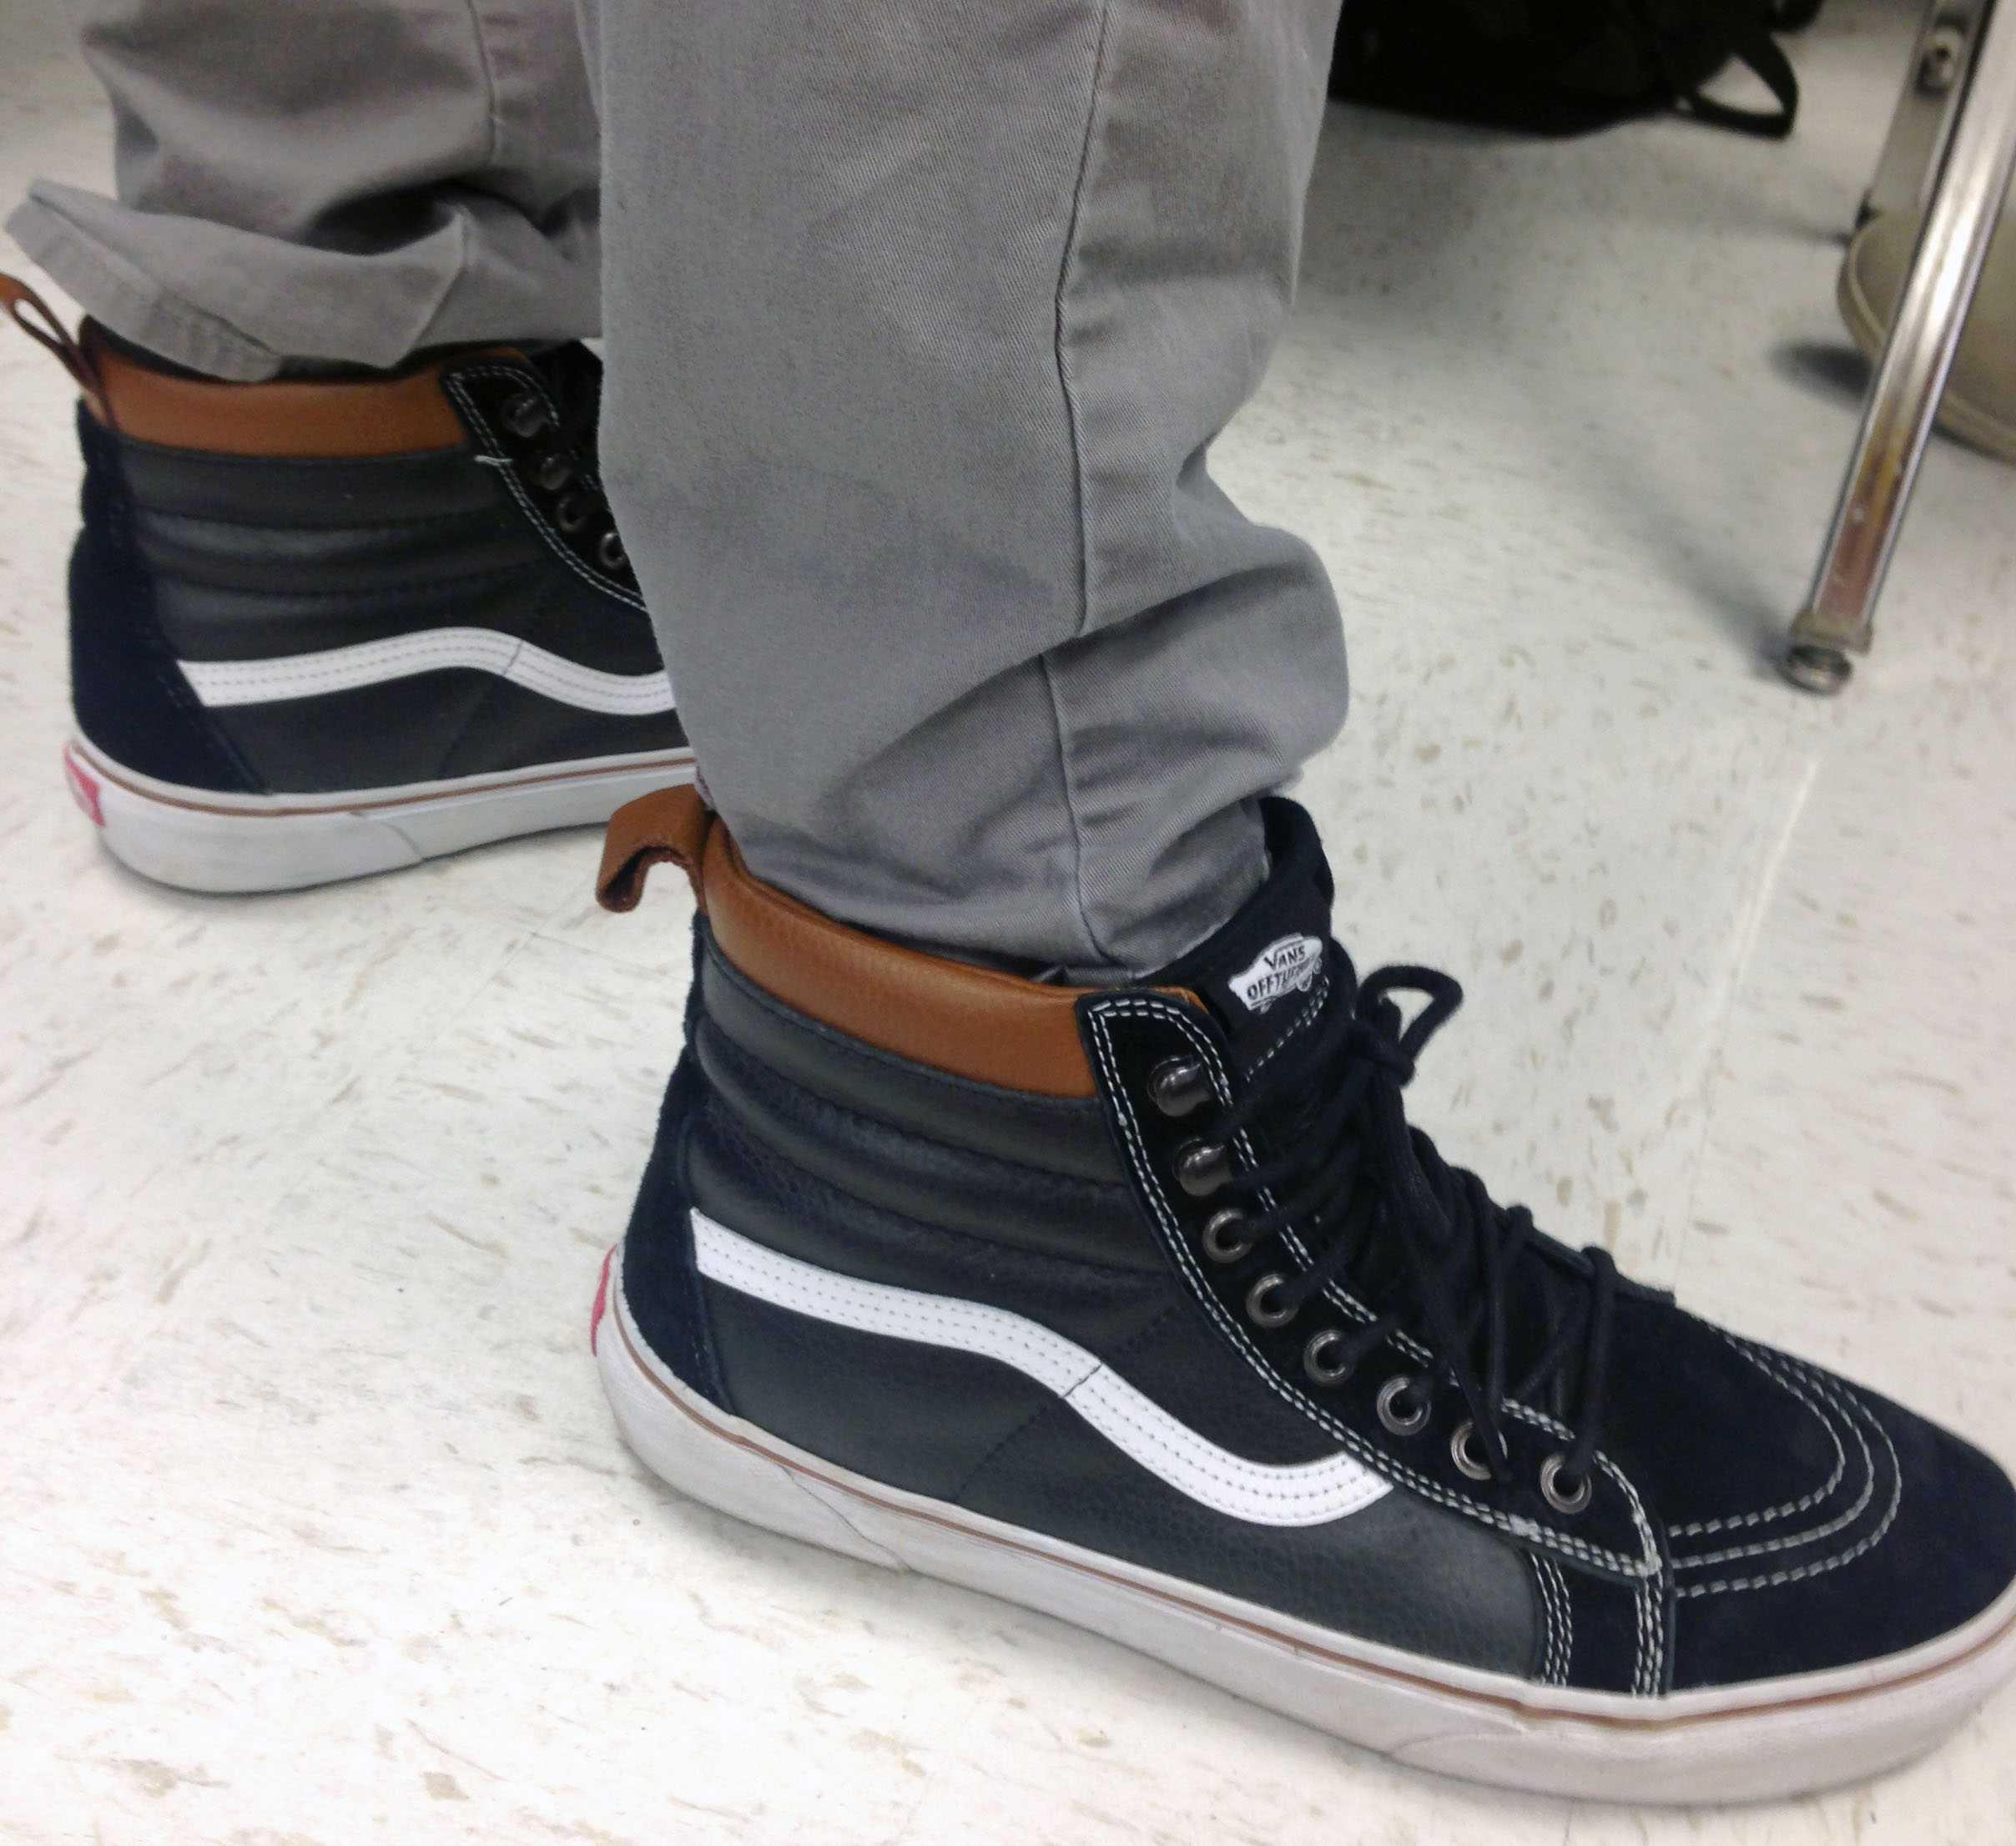 Vans MTE Sk8-Hi Sneakers